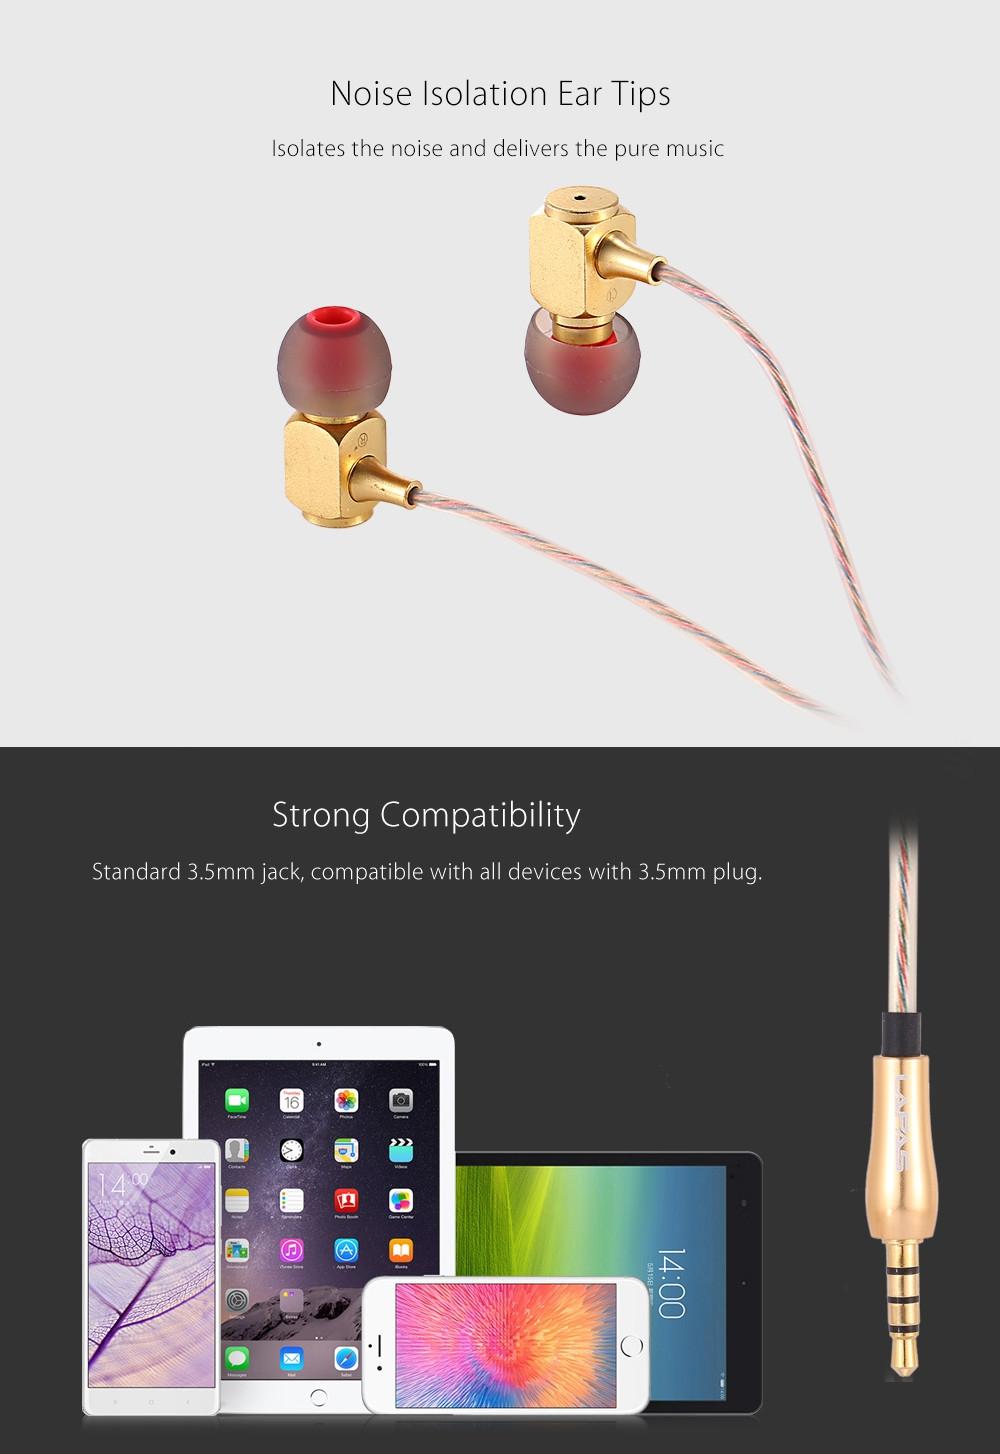 LAPAS RX400 HiFi Music In-ear Earphones In-line Control Brass Housing Noise Canceling